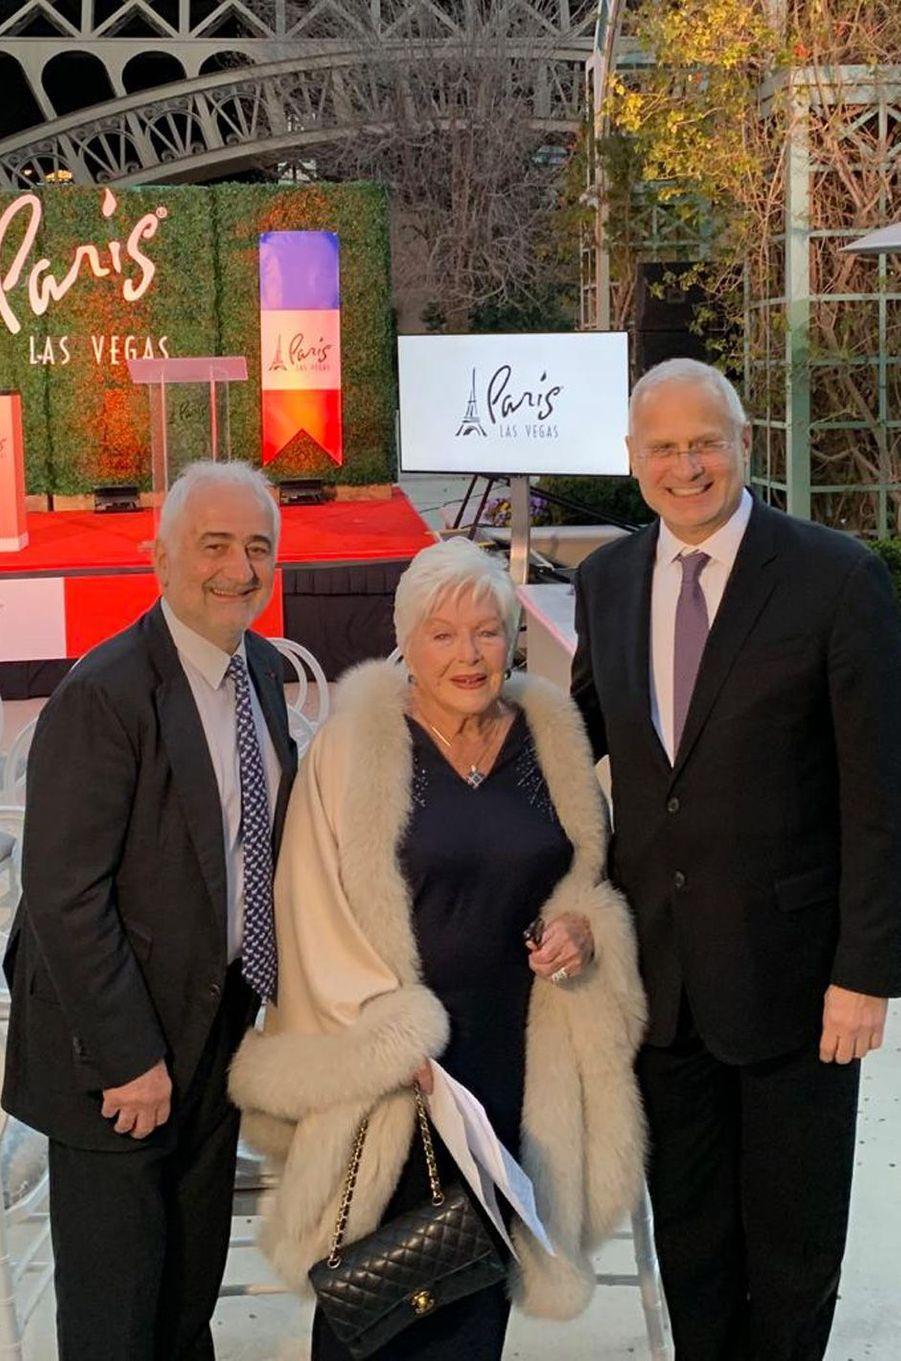 Line Renaudaux côtés duchef Guy Savoyet de Gary Selesner, président du Caesars Palace, pour les 20 ans de l'hôtel Paris Las Vegas.